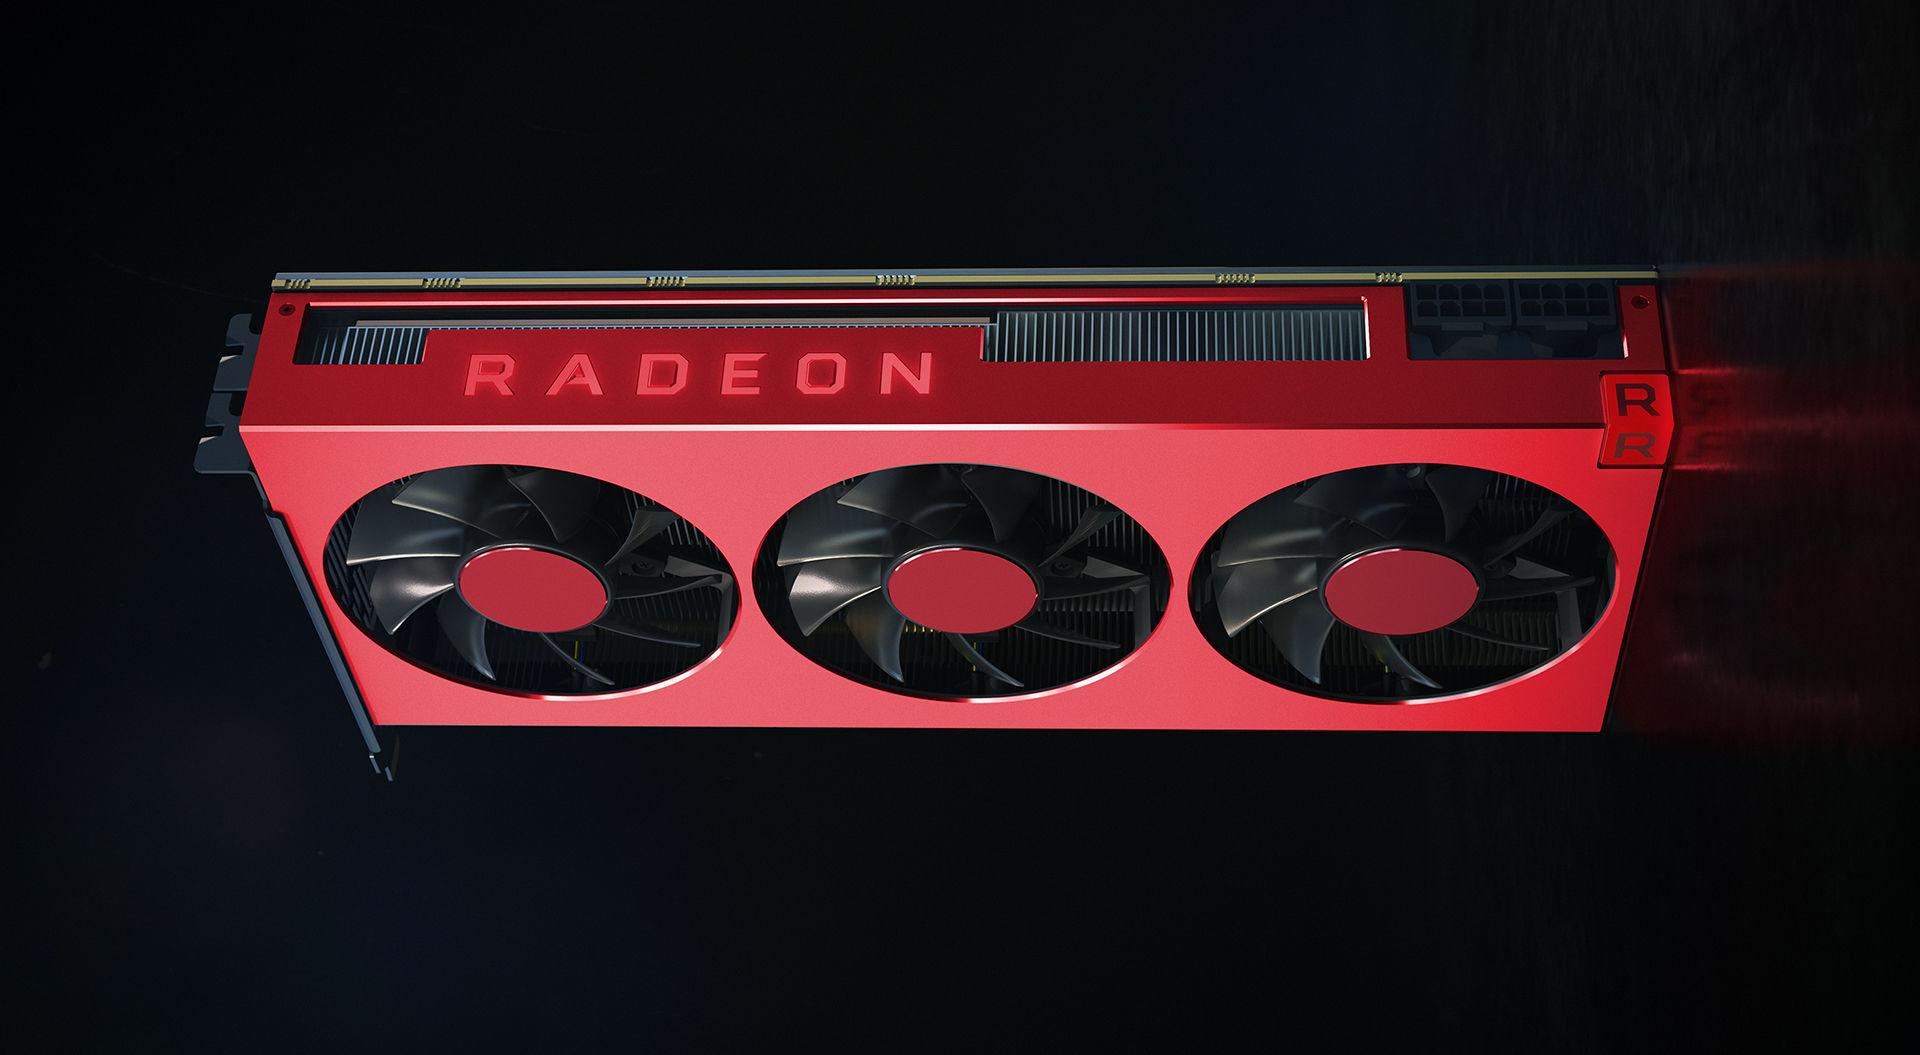 AMD celebra 50 anni di innovazione con i suoi prodotti Gold Edition thumbnail